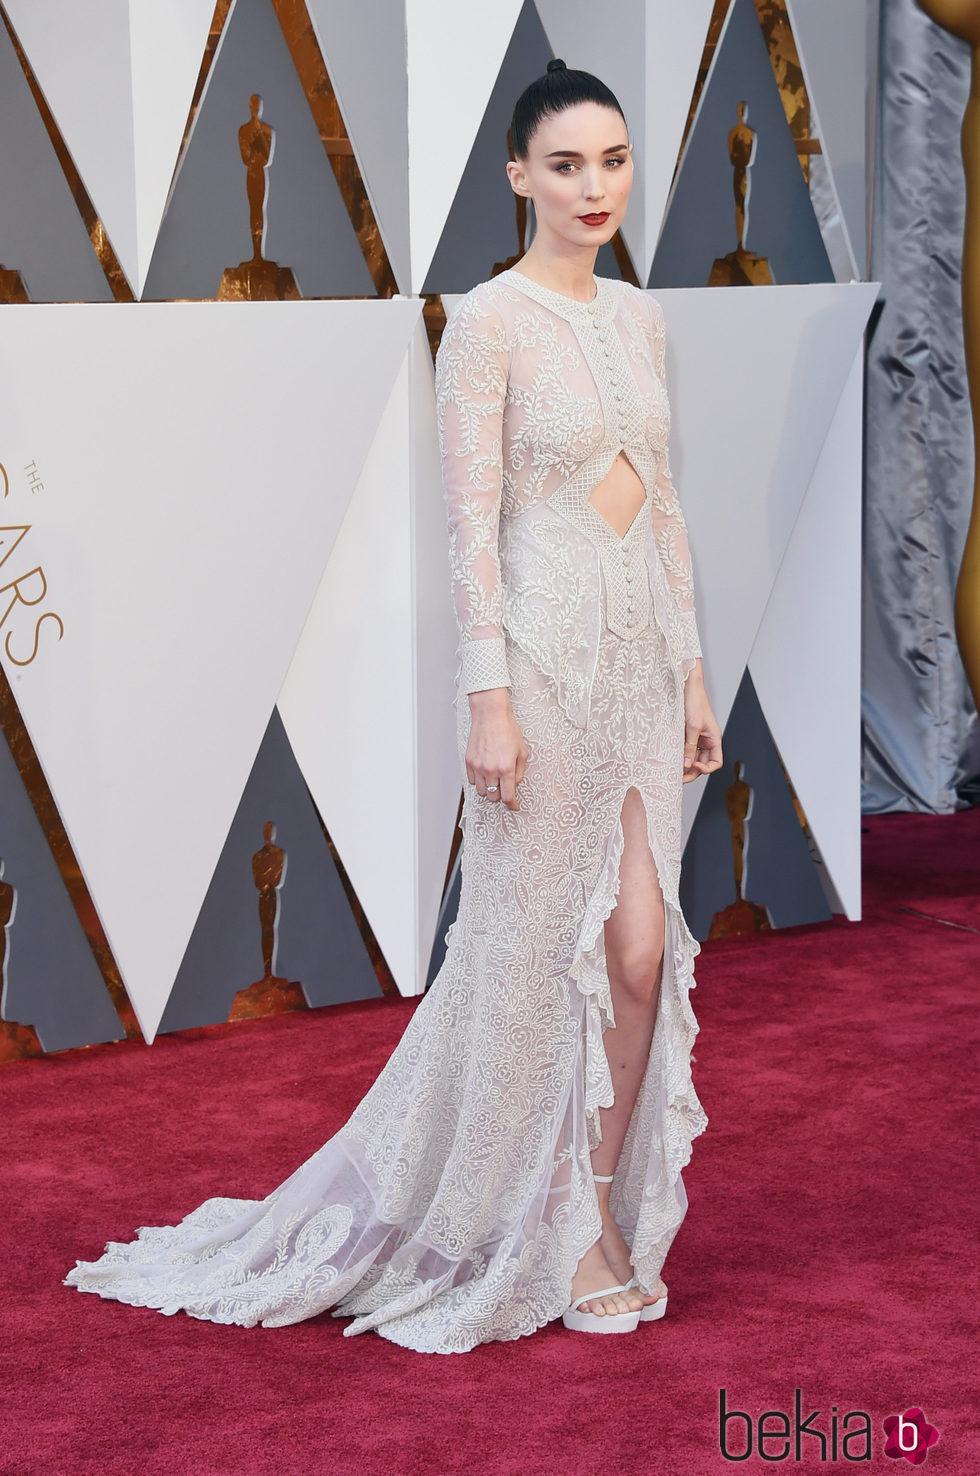 Rooney Mara en la alfombra roja en los Premios Oscar 2016